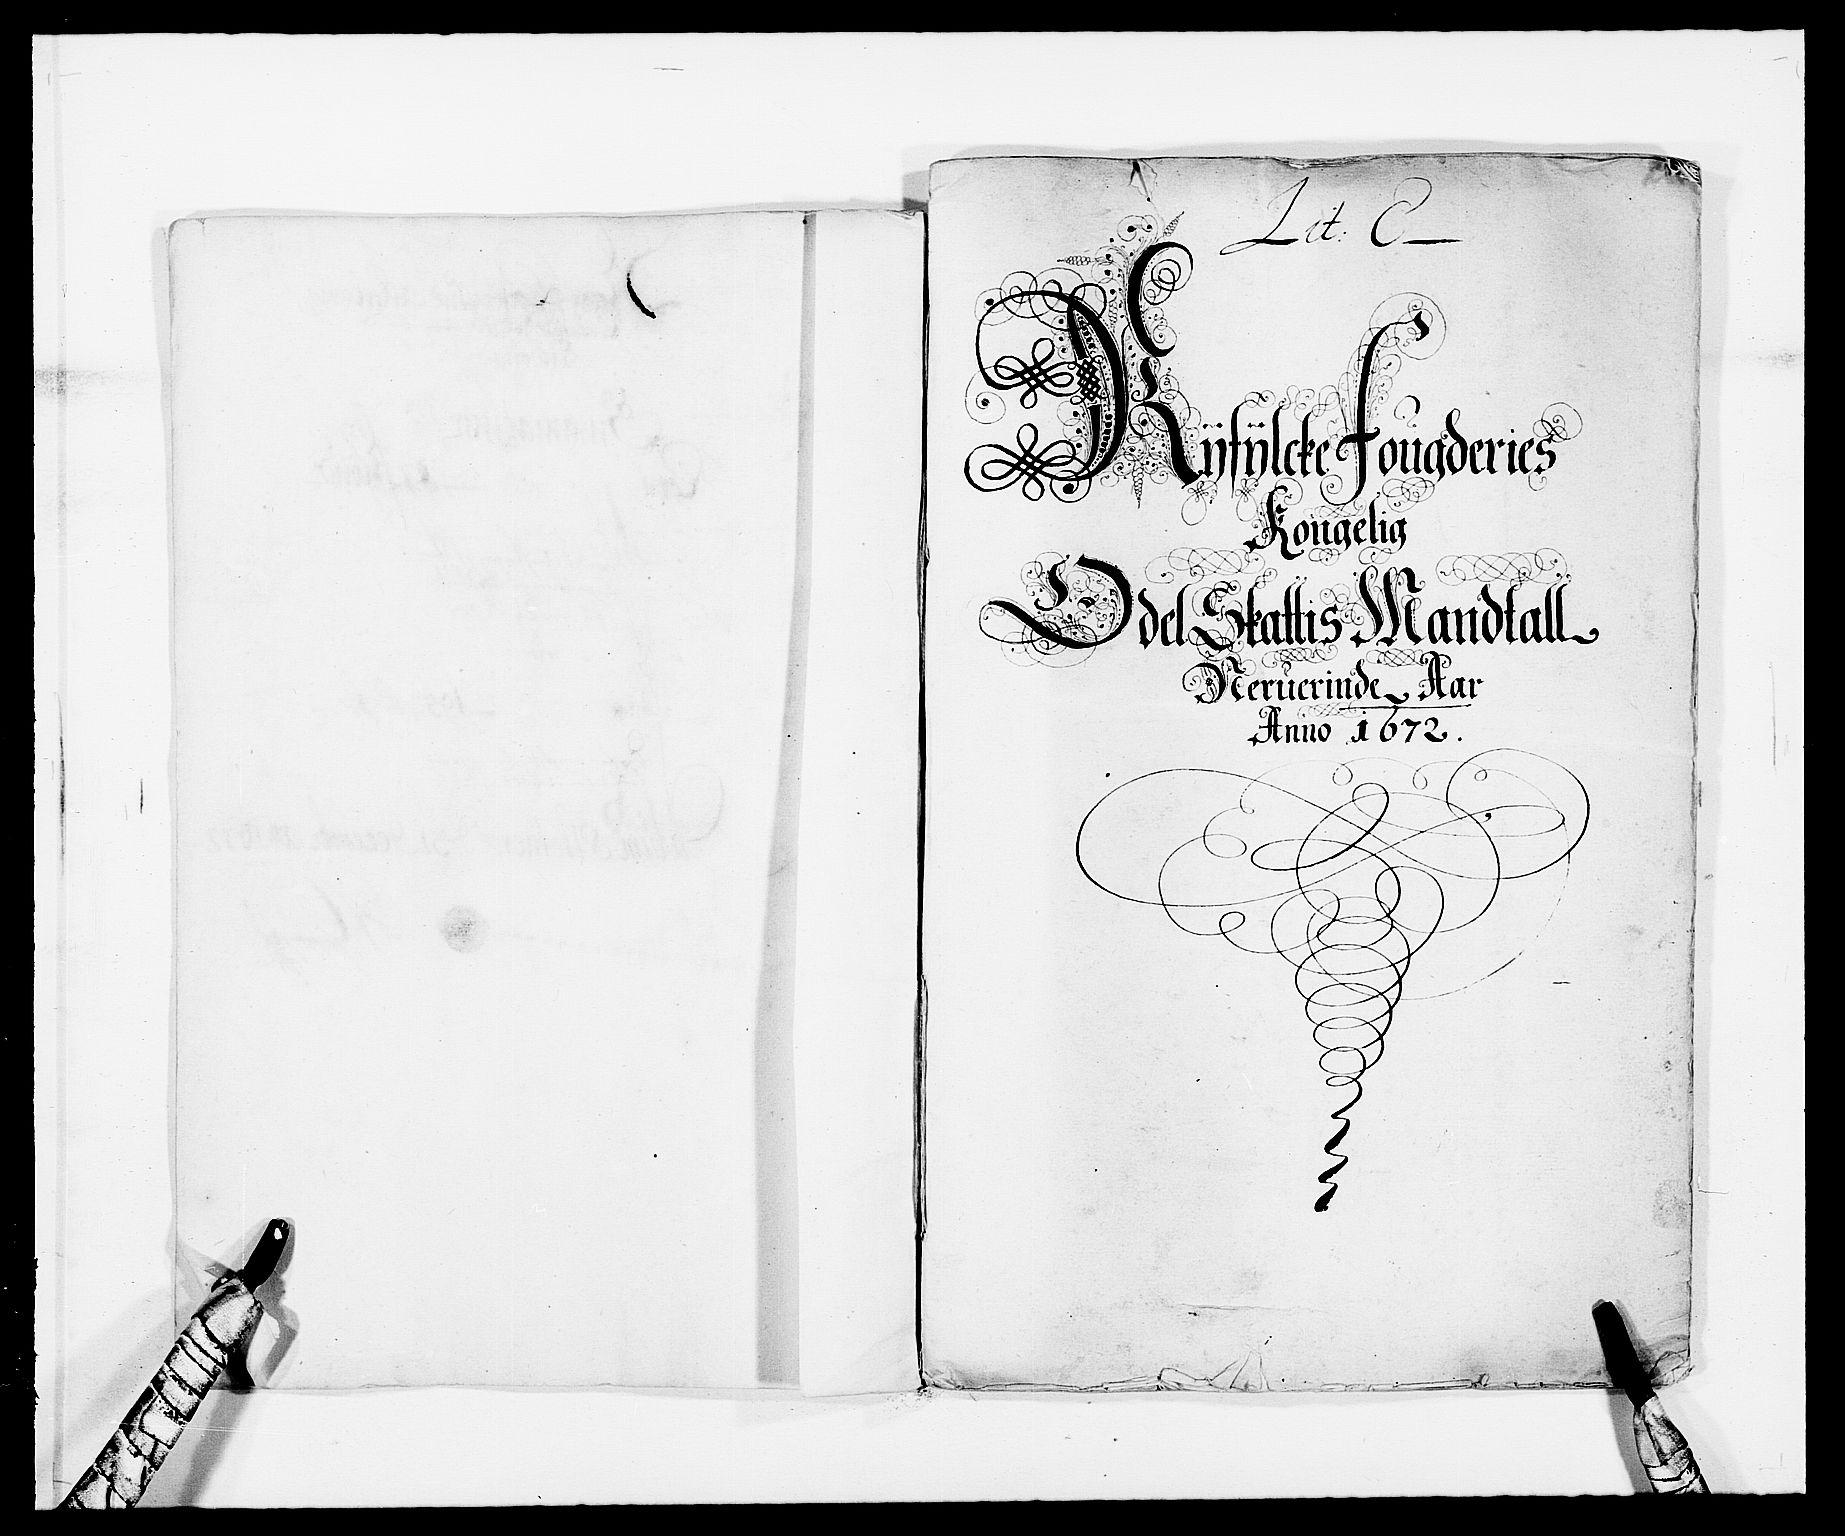 RA, Rentekammeret inntil 1814, Reviderte regnskaper, Fogderegnskap, R47/L2844: Fogderegnskap Ryfylke, 1672-1673, s. 100